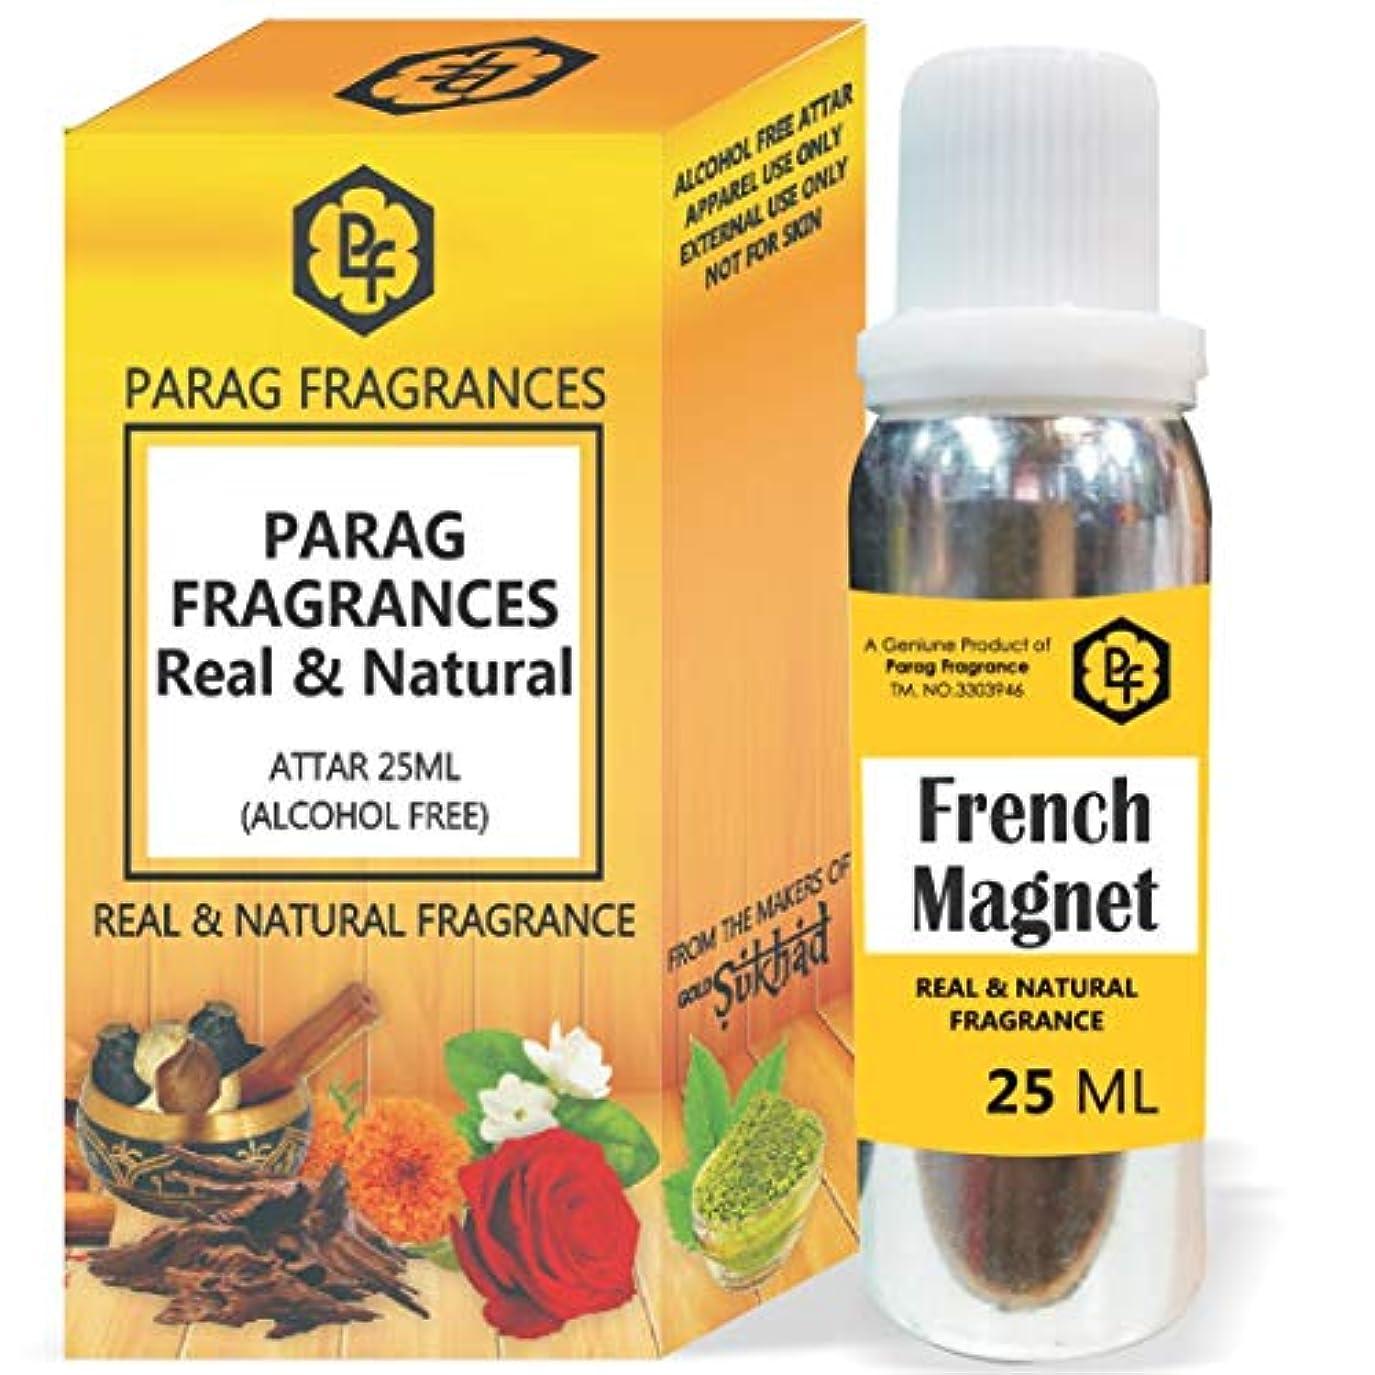 責任繊細通り抜ける50/100/200/500パック内の他のエディションファンシー空き瓶(アルコールフリー、ロングラスティング、自然アター)でParagフレグランス25ミリリットルフレンチマグネットアター